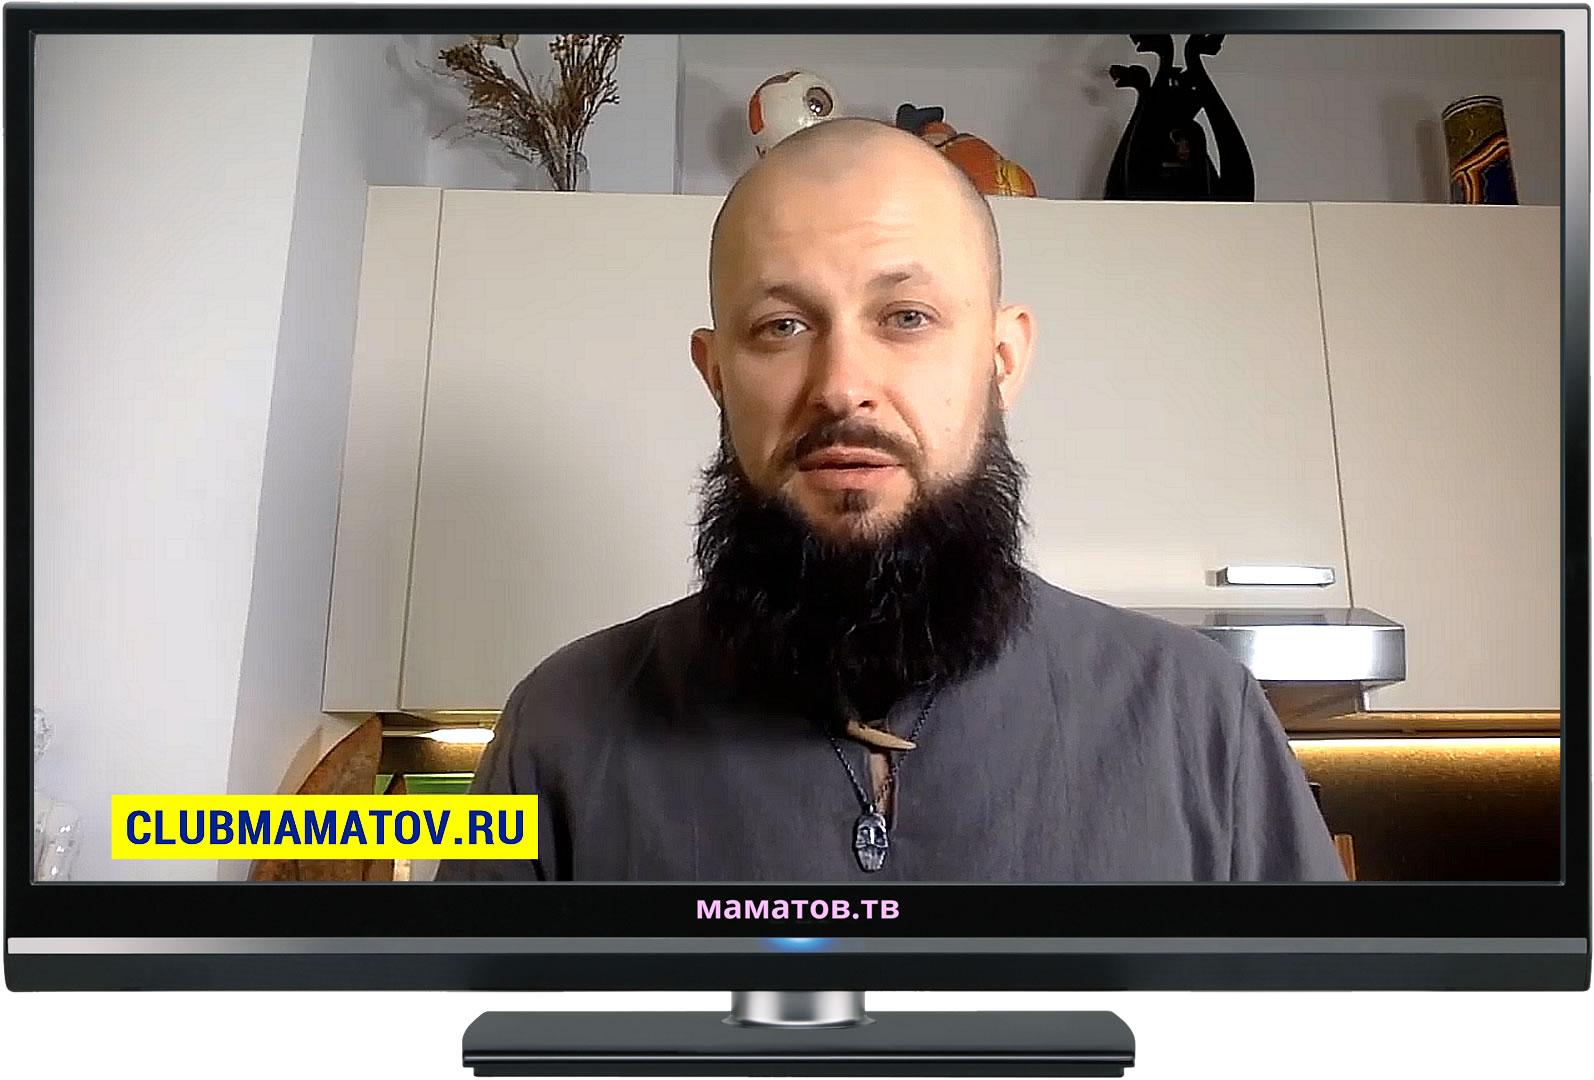 marafon mamatov - Получите видеозапись онлайн семинара Алексея Маматова по правильному питанию